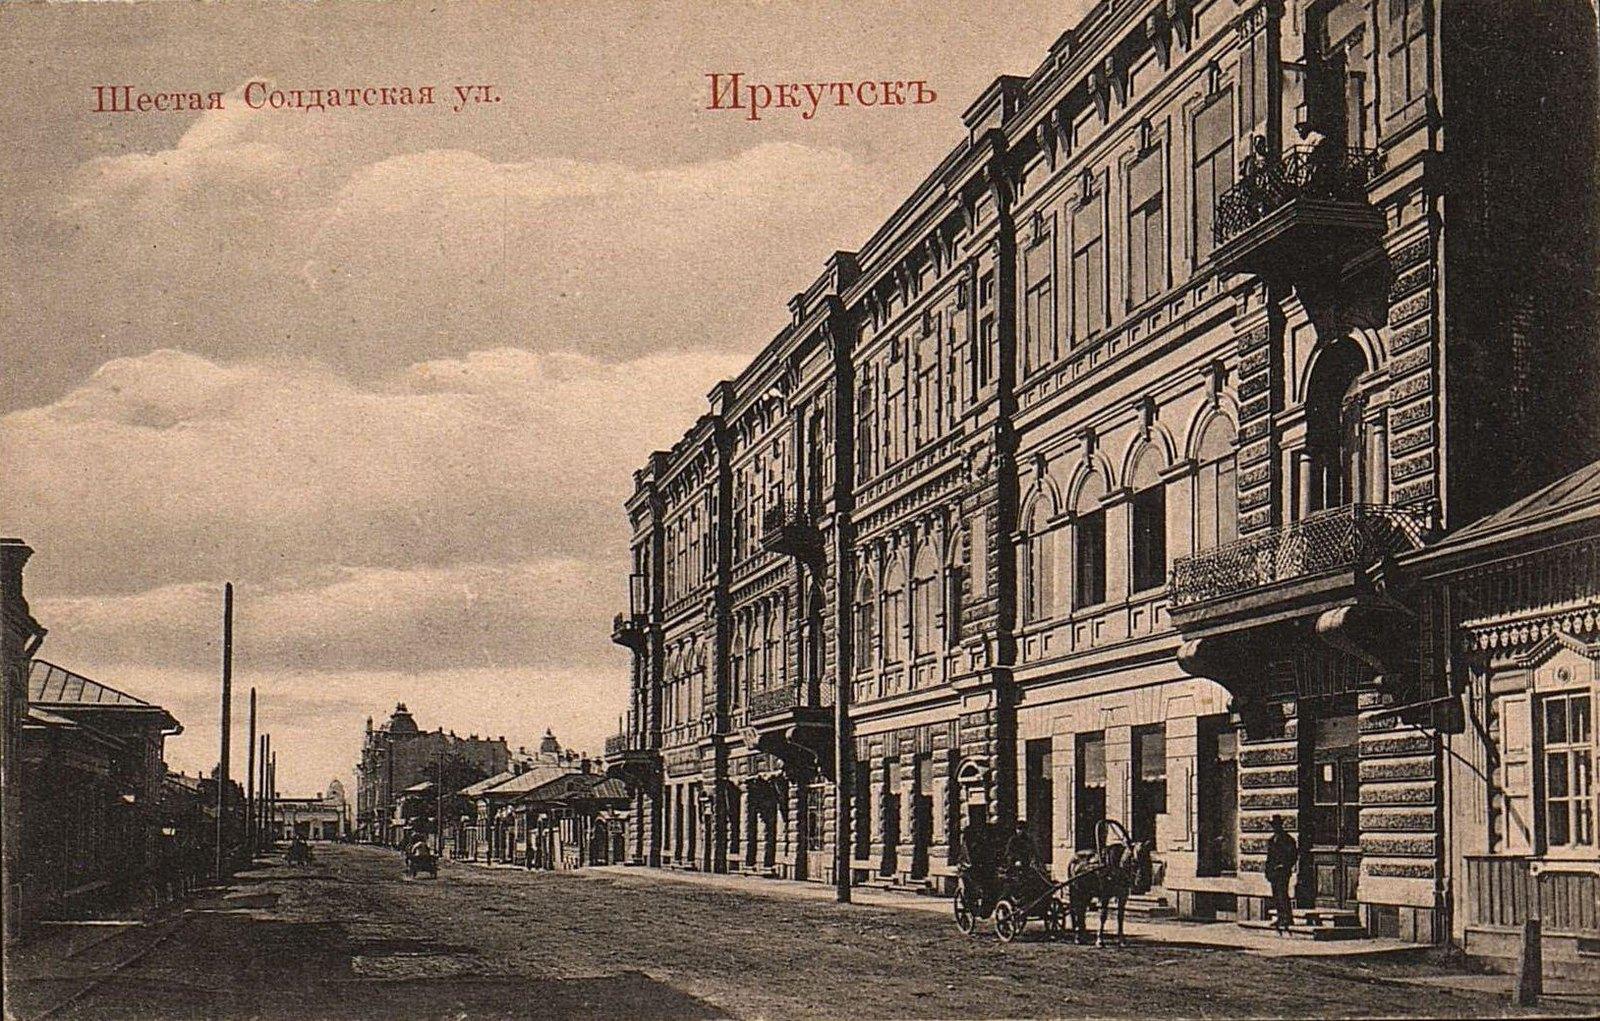 04. Шестая Солдатская улица